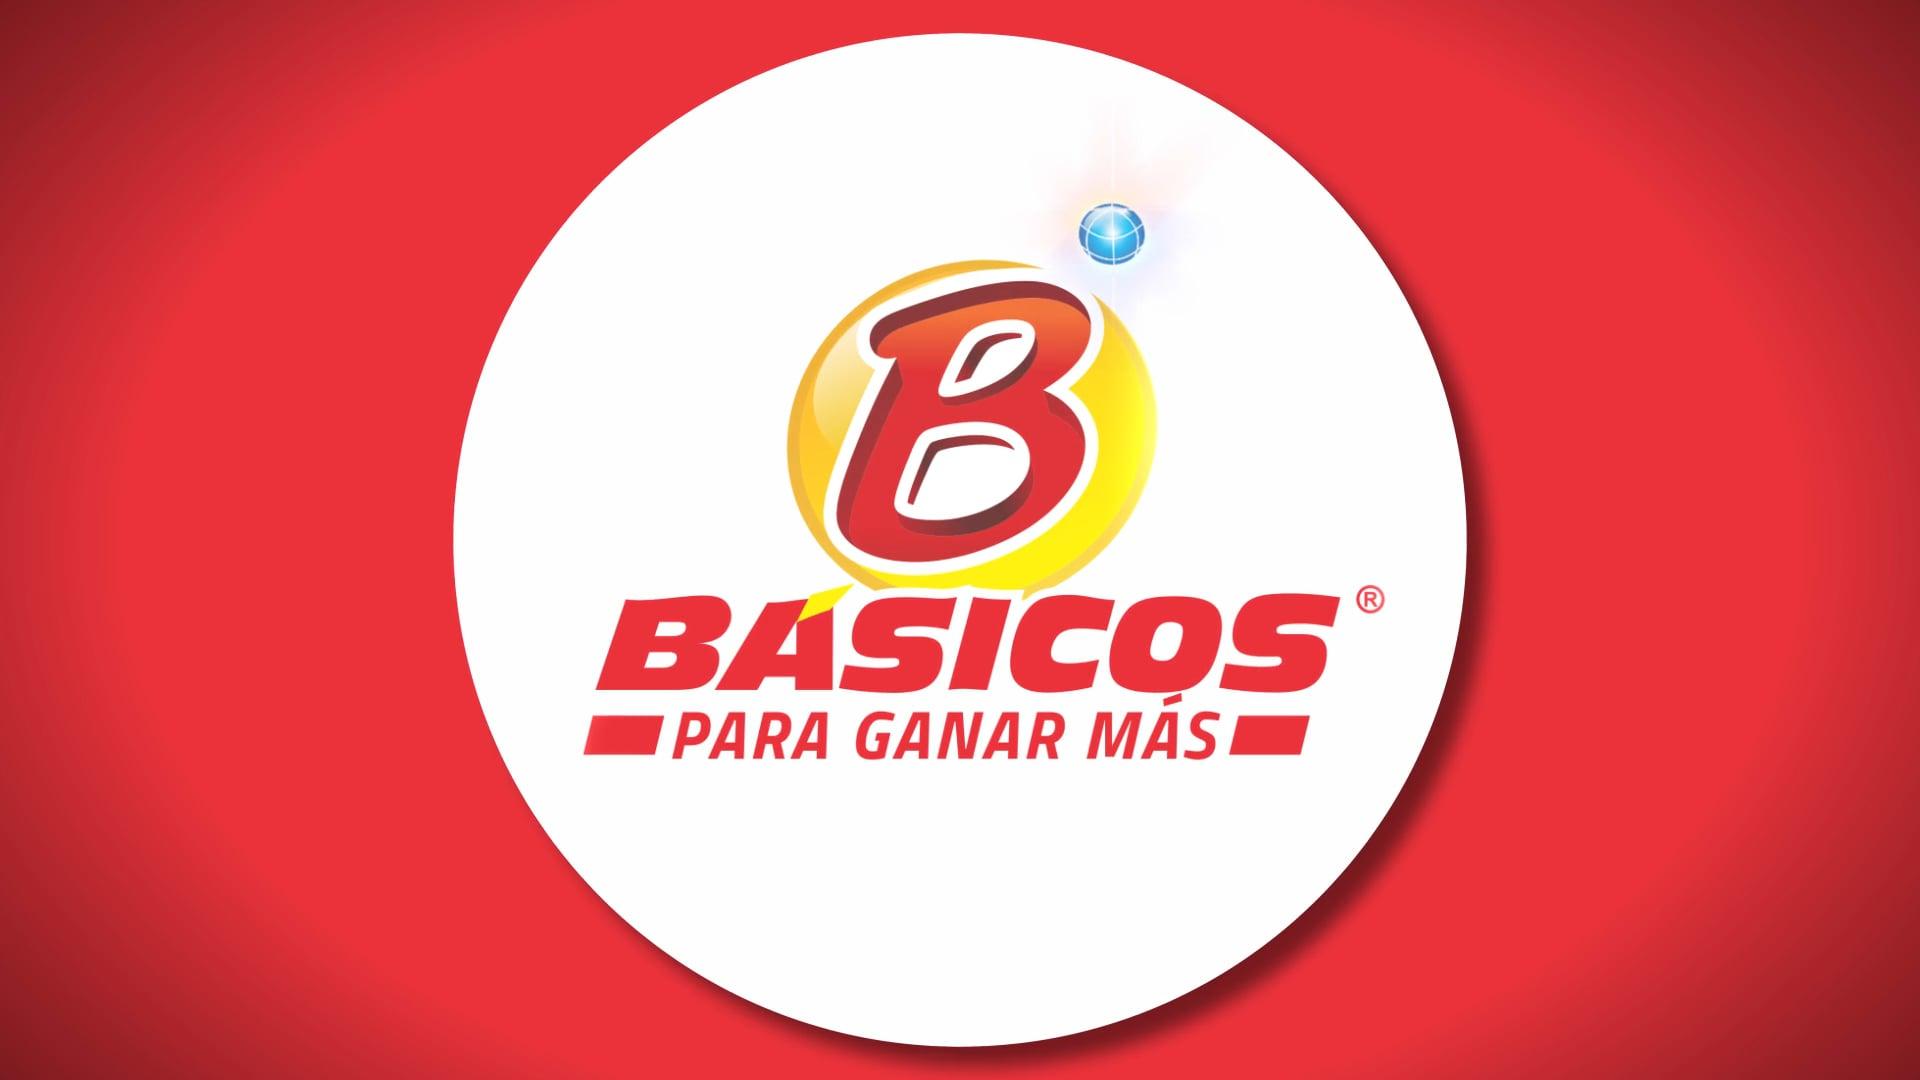 BÁSICOS DE CASA